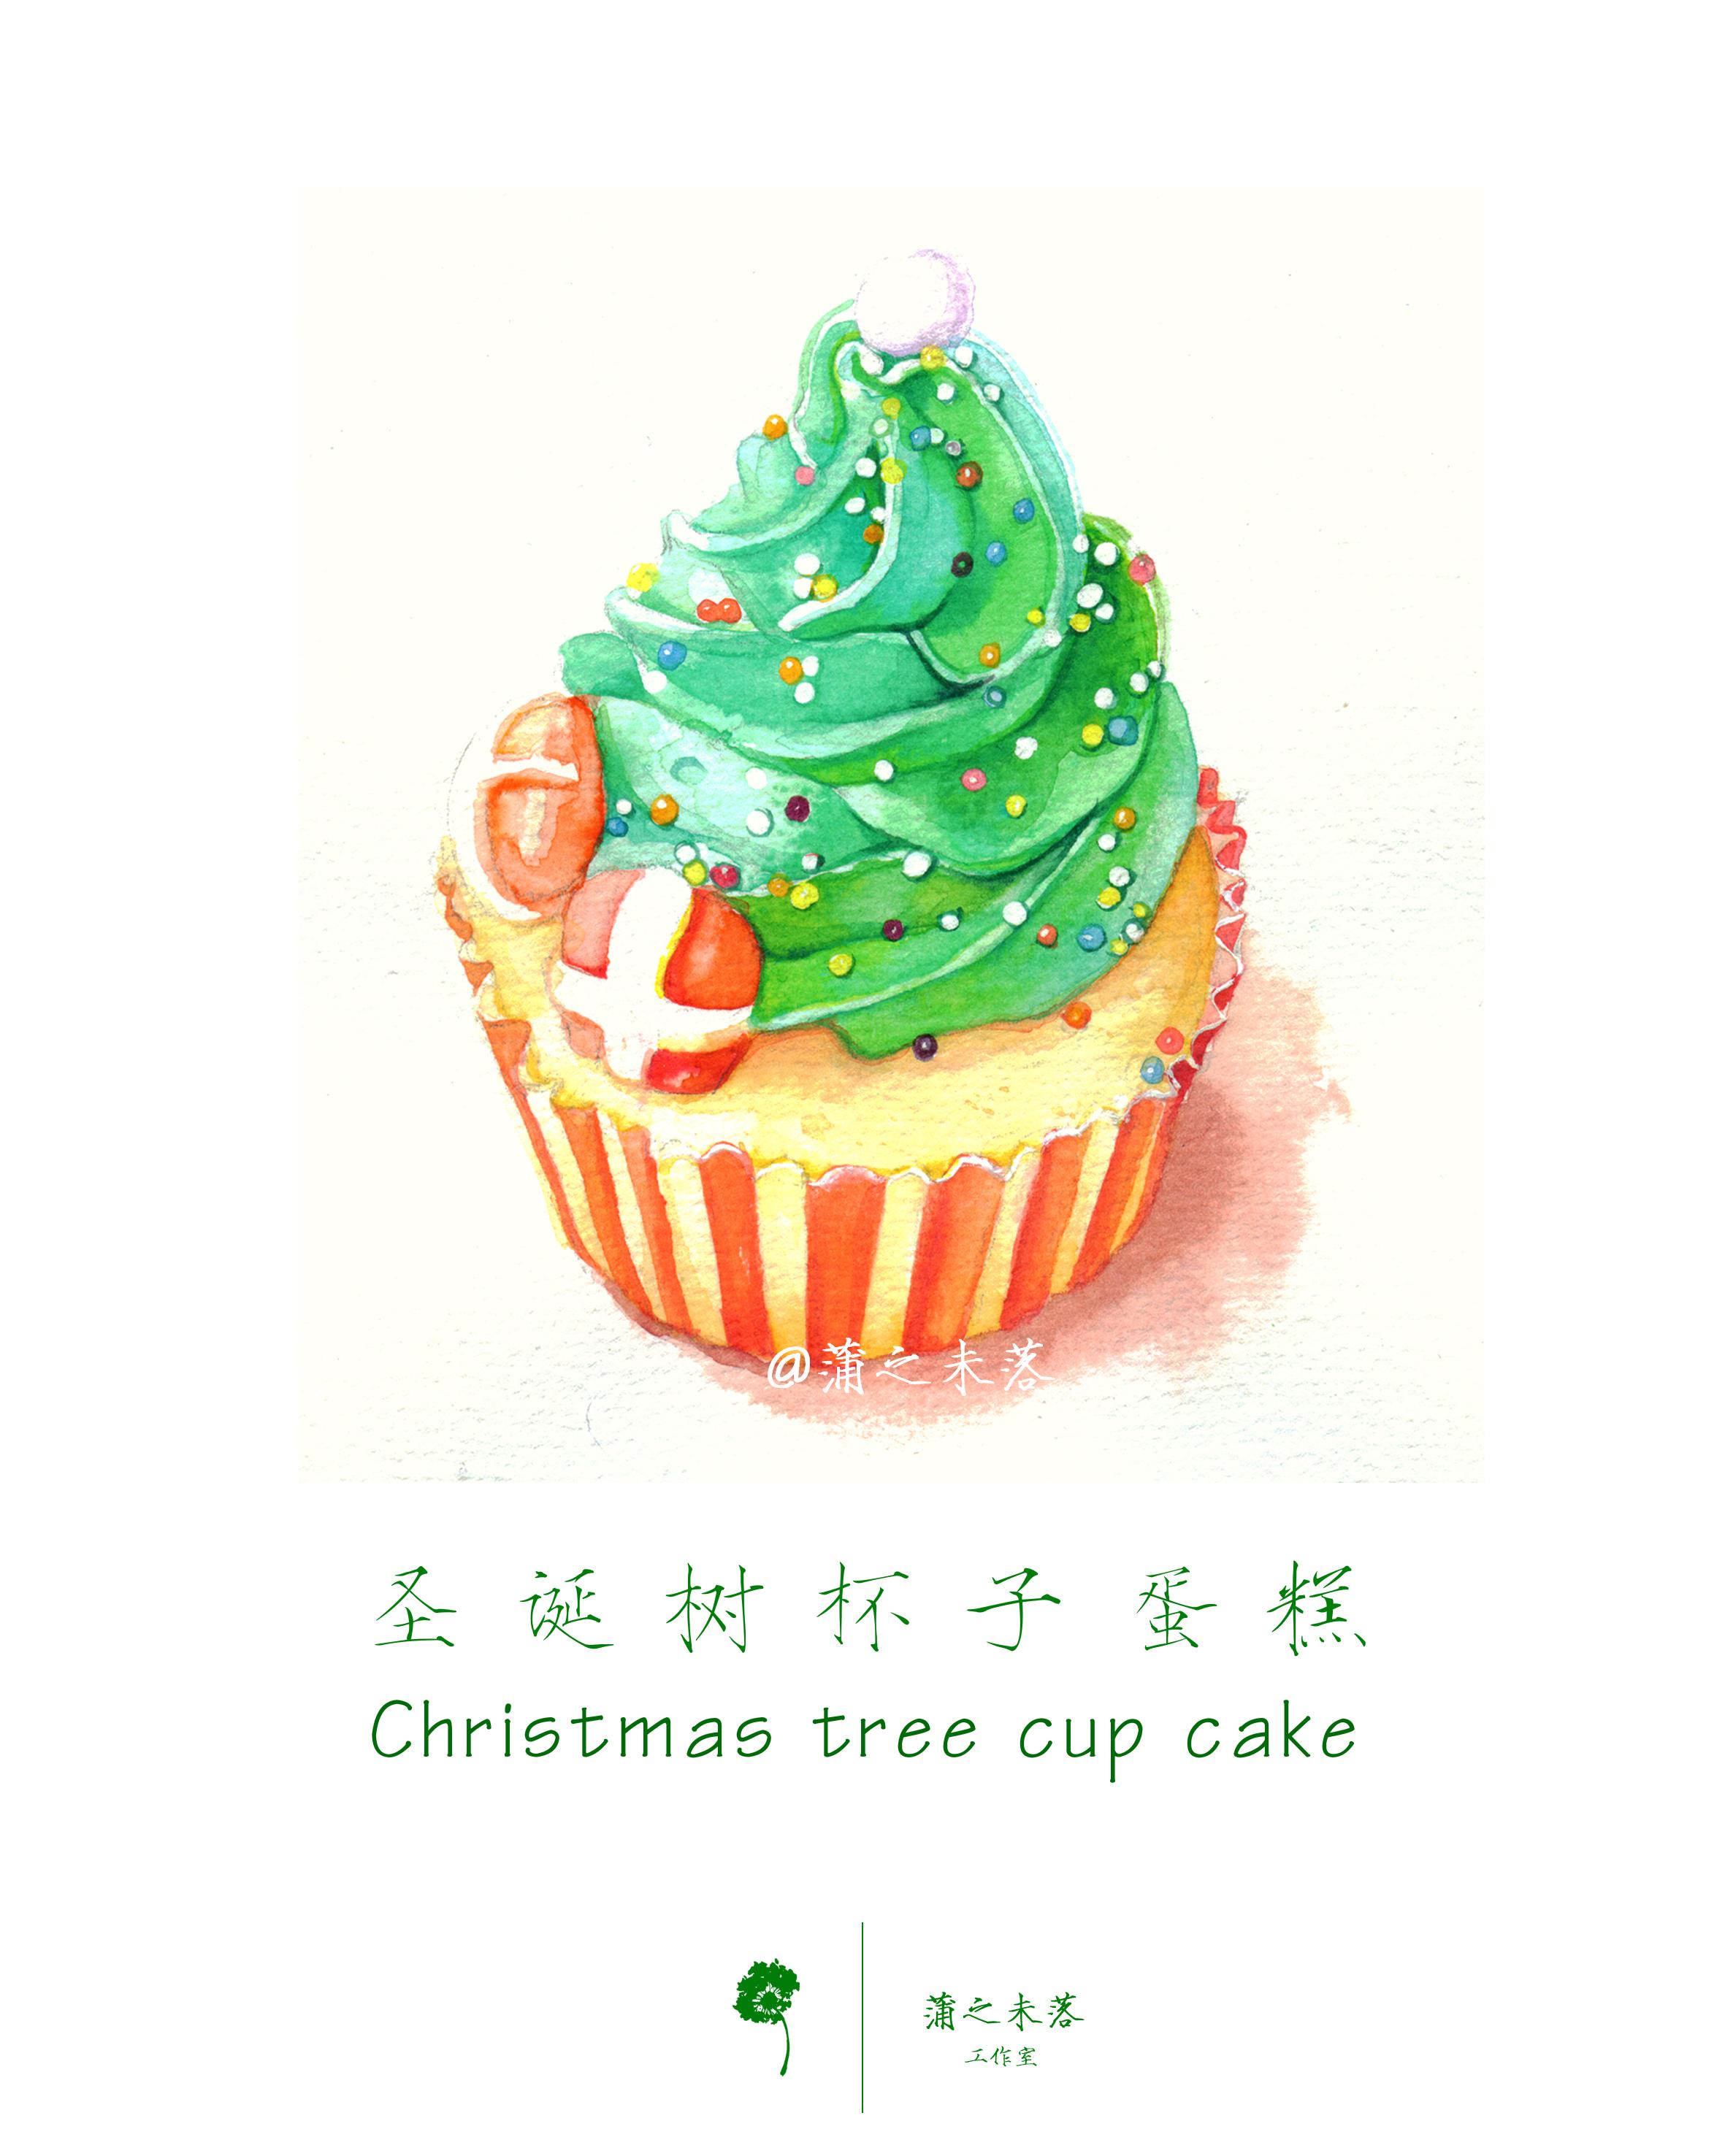 水彩手绘--圣诞树杯子蛋糕